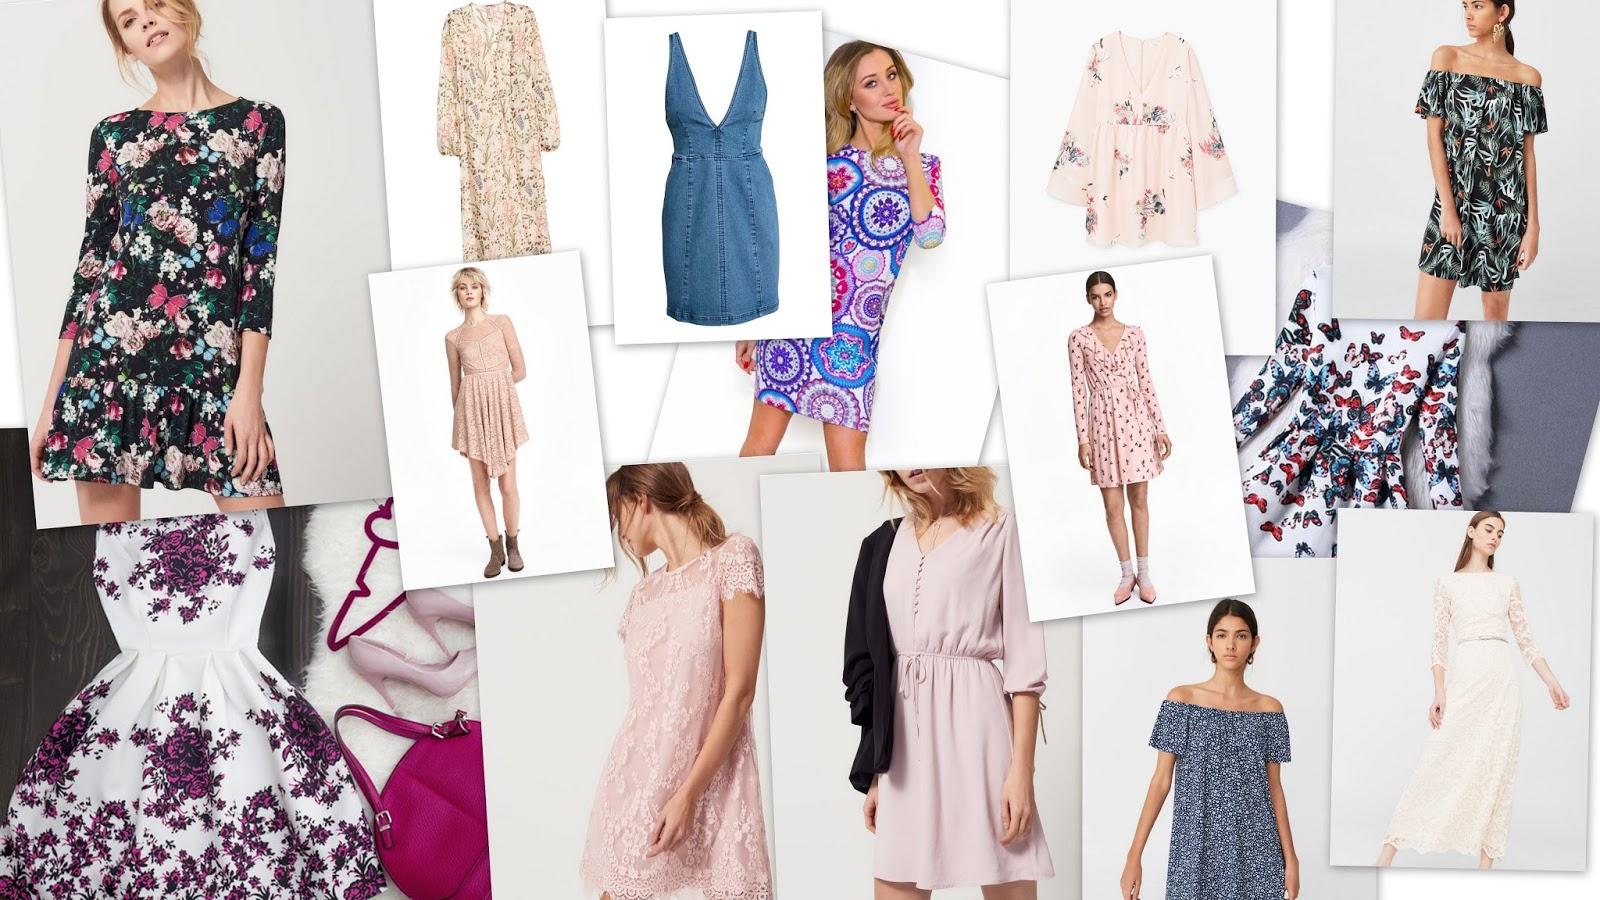 MIX INSPIRACJI #3: Czas przywitać wiosnę! Przegląd sukienek